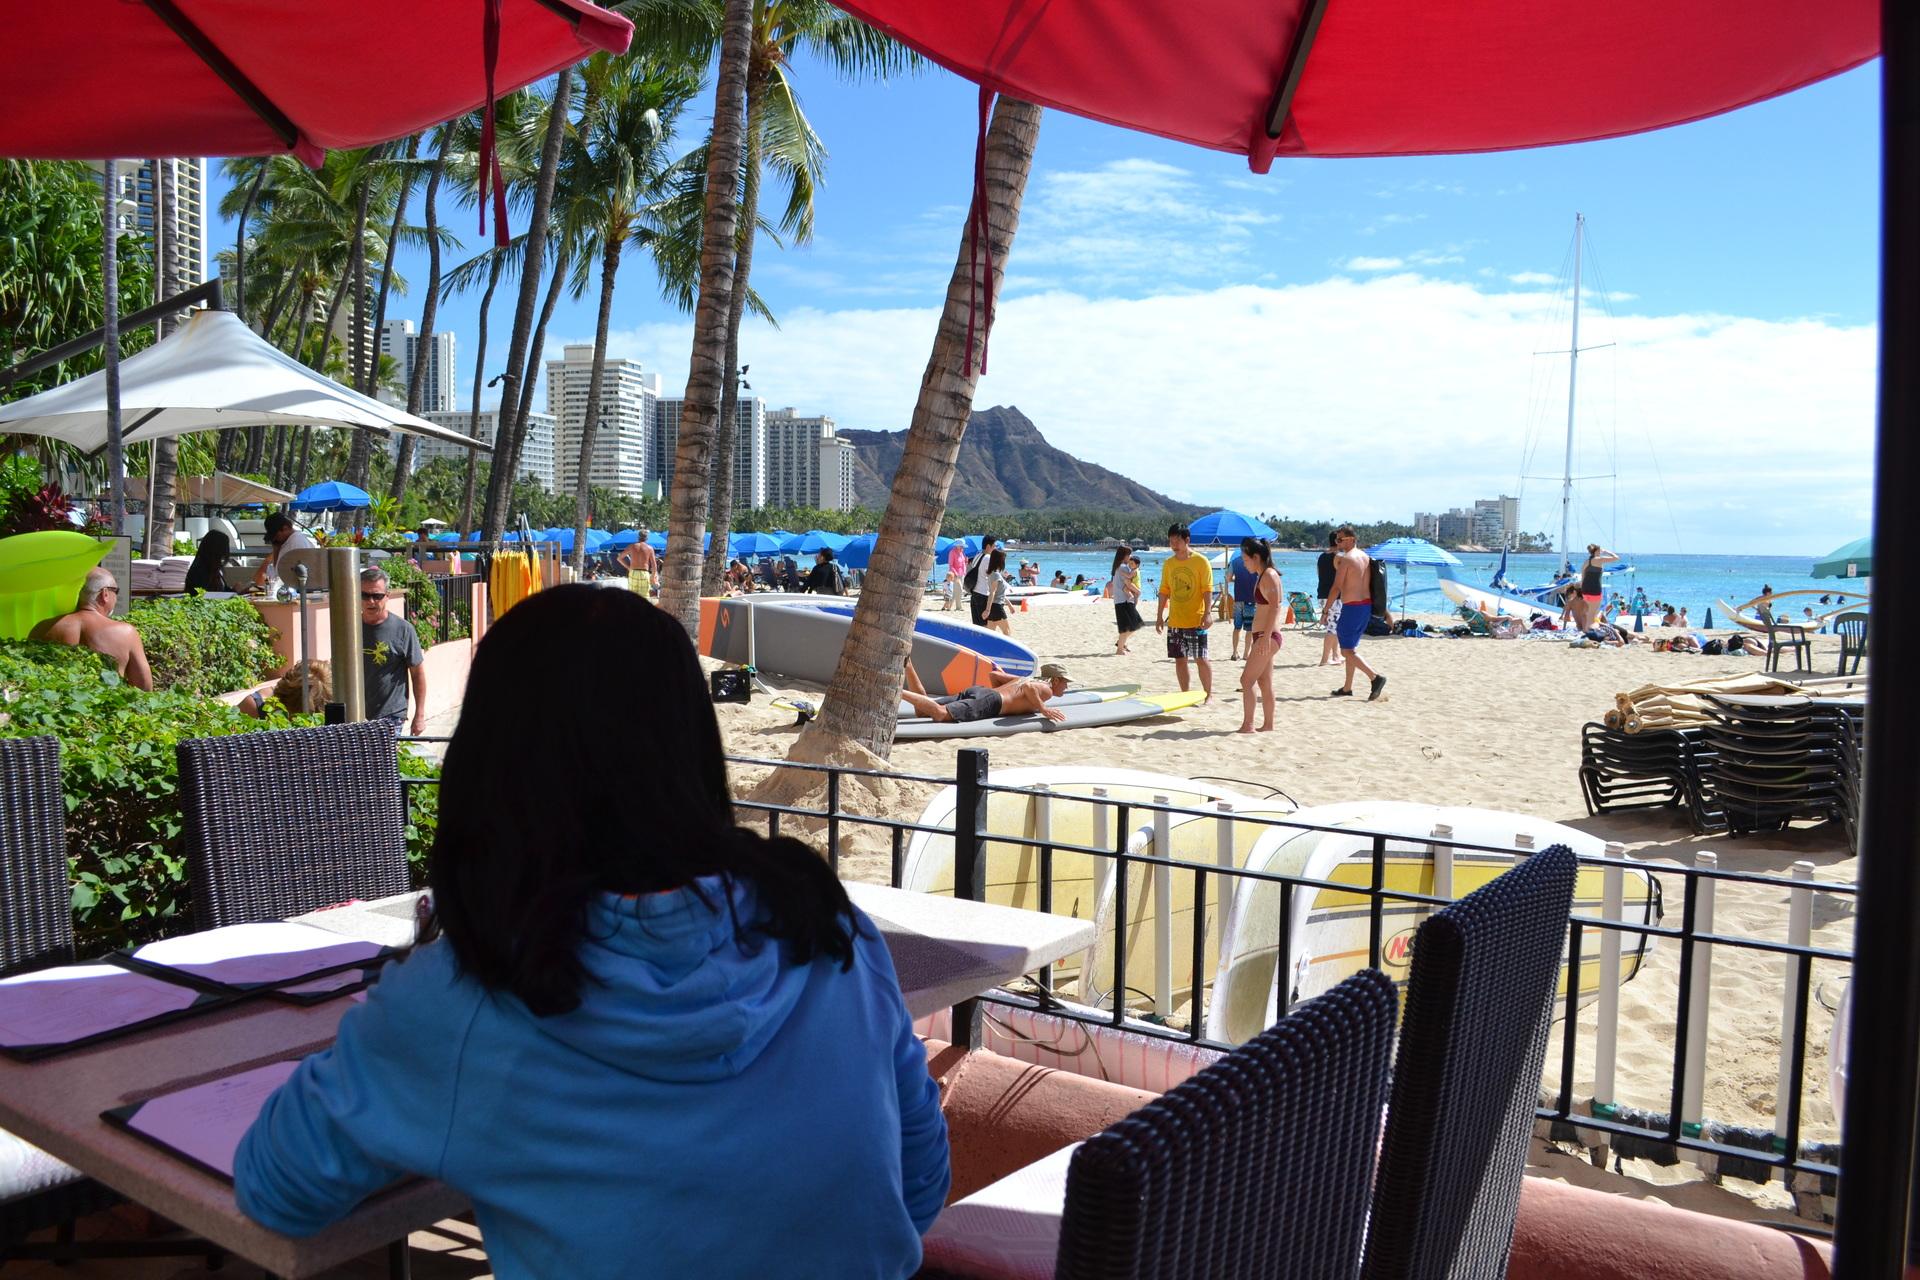 【陸上】青学大・原監督が太っ腹なプレゼント!4年生とマネージャー全員に「ハワイ旅行」